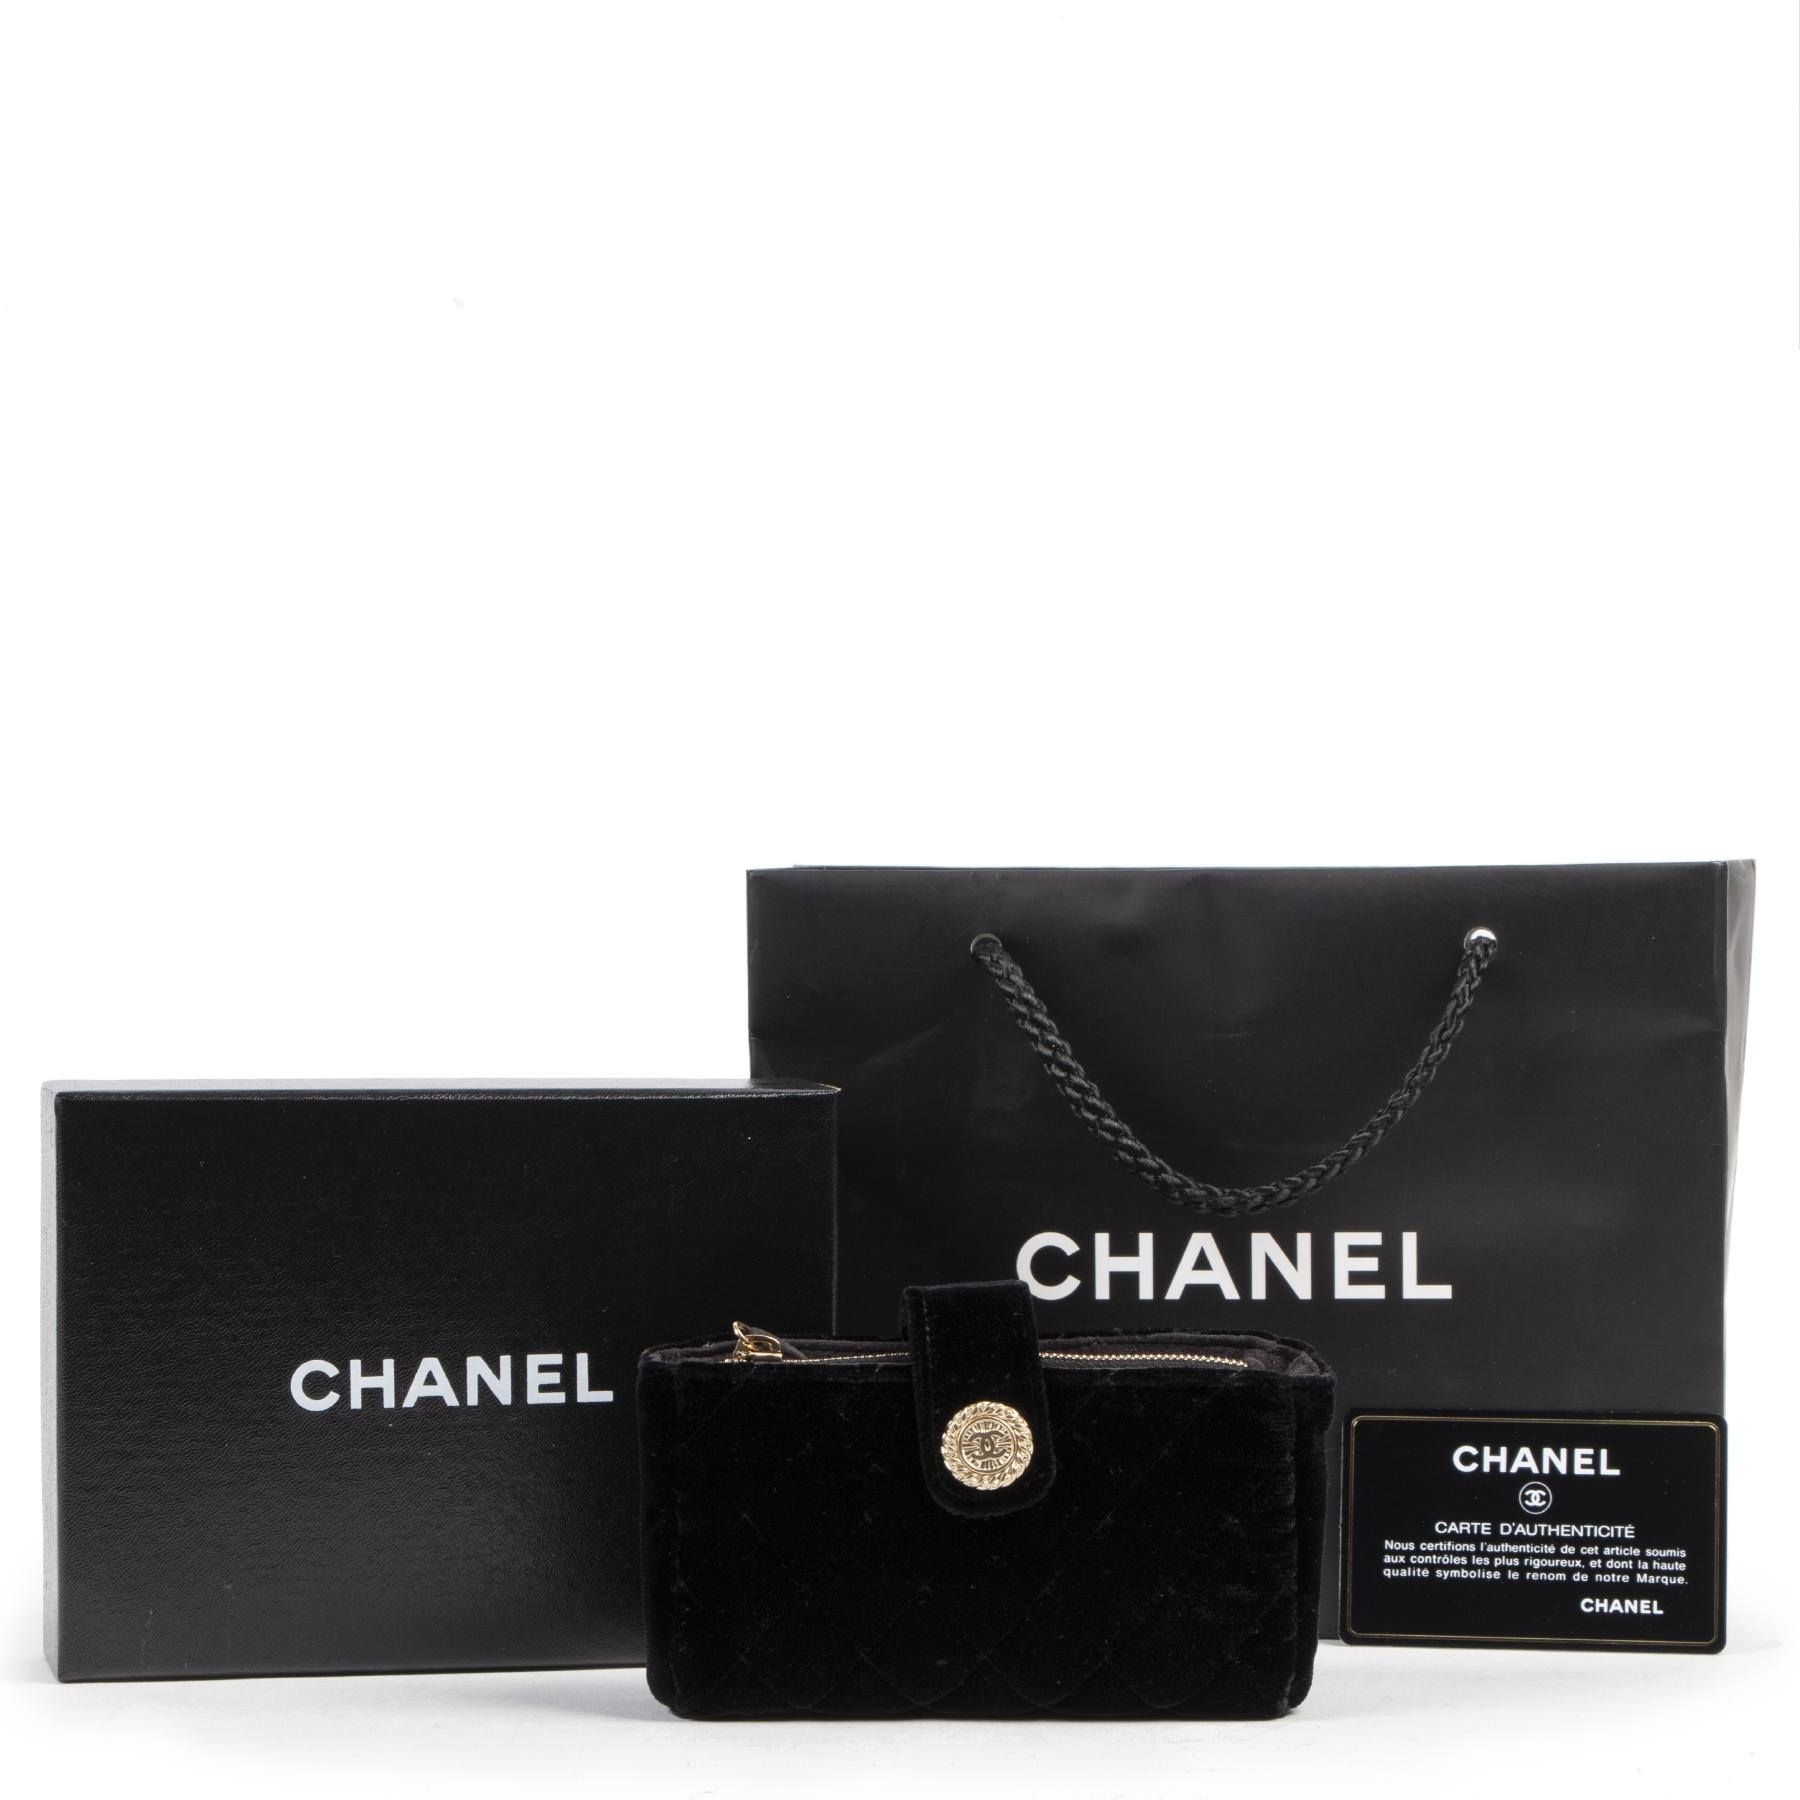 Authentique seconde-main vintage Chanel Black Velvet Wallet achète en ligne webshop LabelLOV